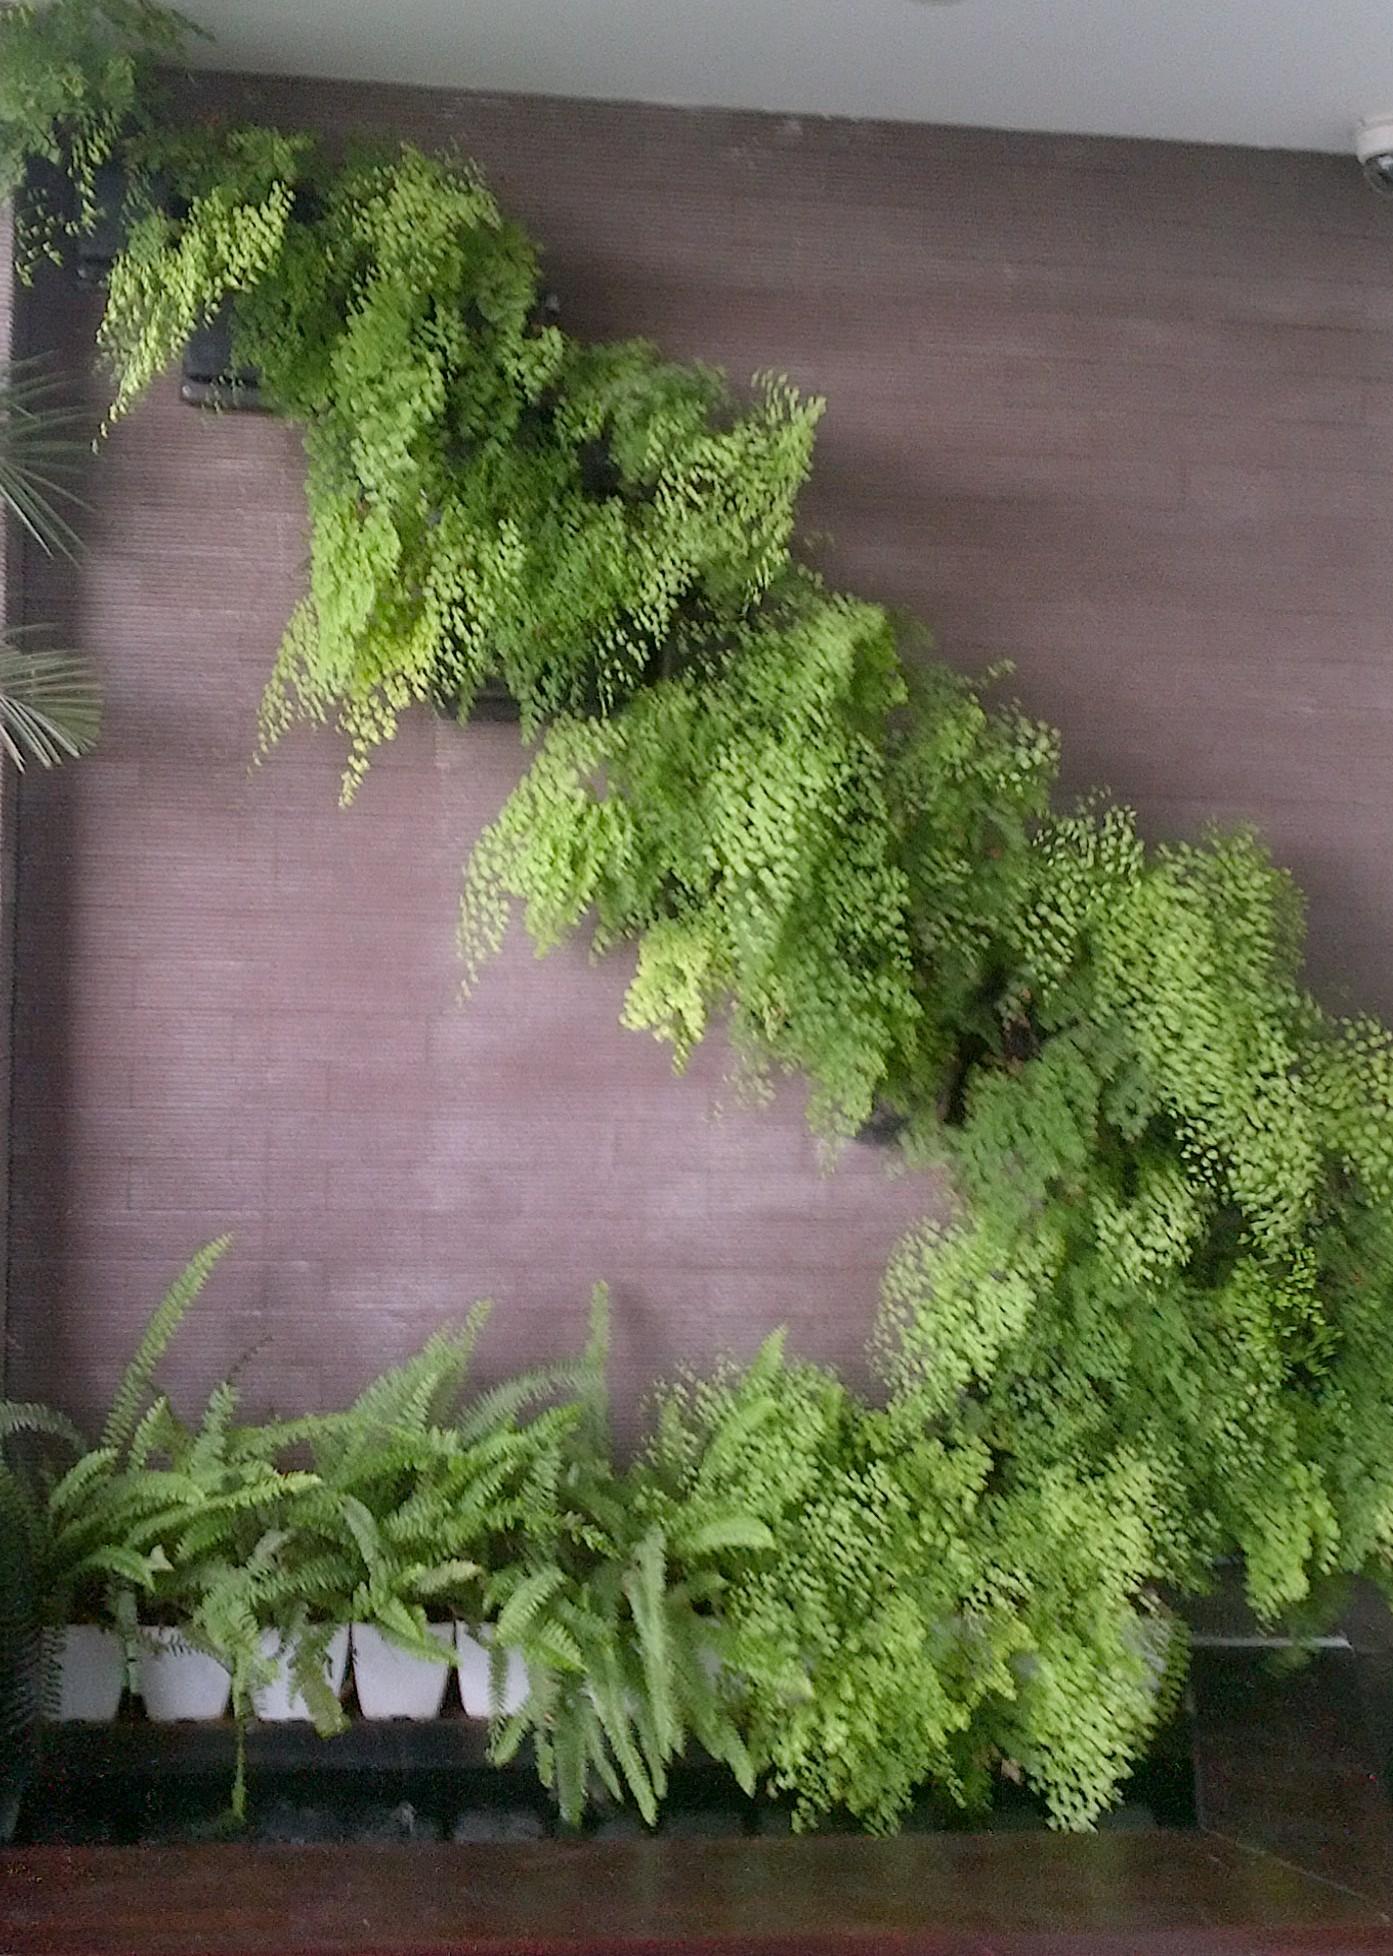 ban công xanh, tường cây xanh